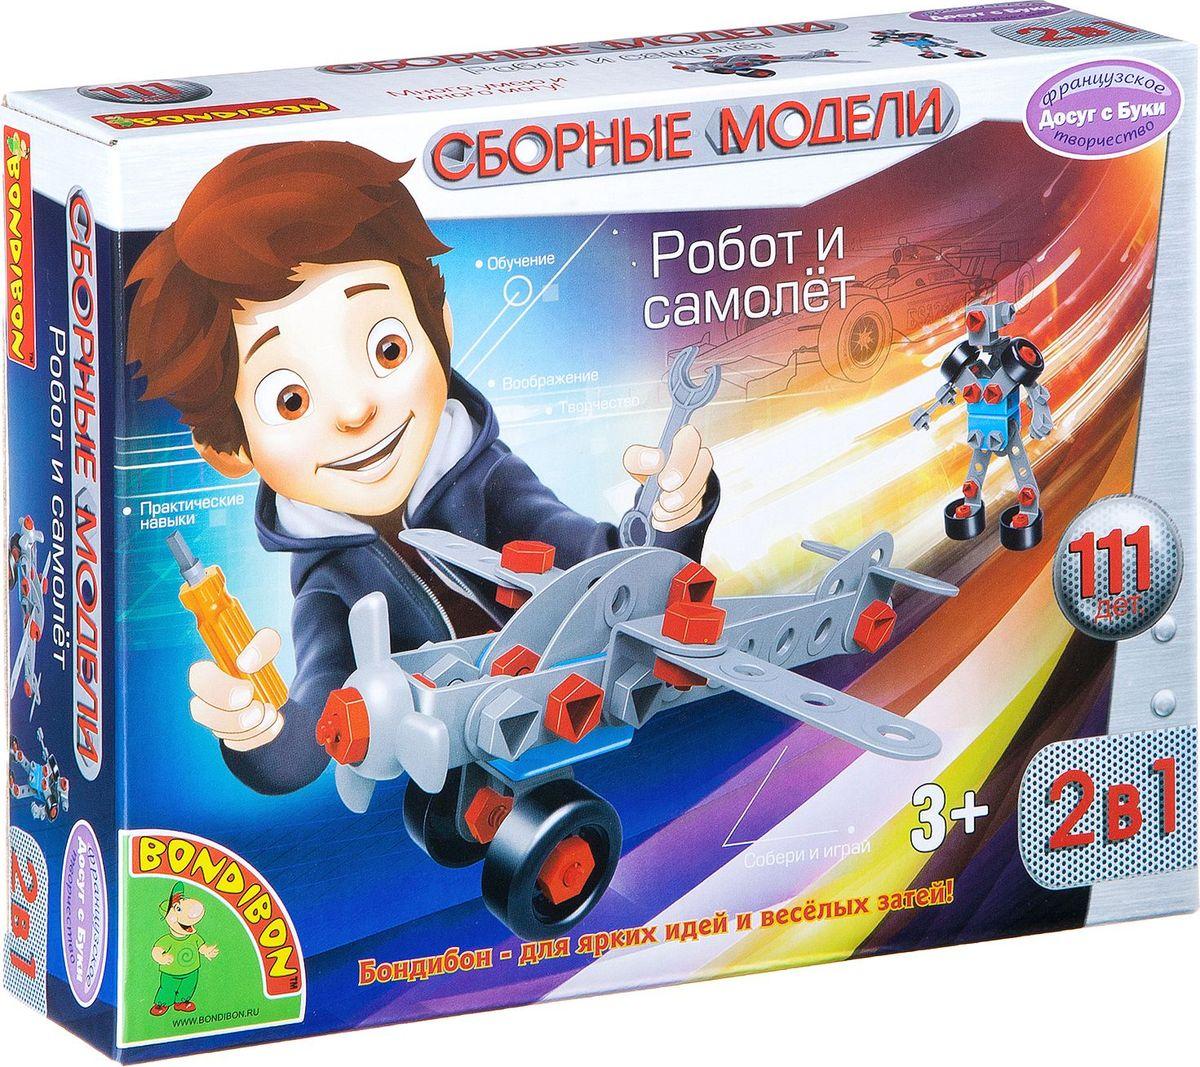 Bondibon Конструктор Робот и самолет 2 в 1 bondibon копилка в технике декопатч сердечко